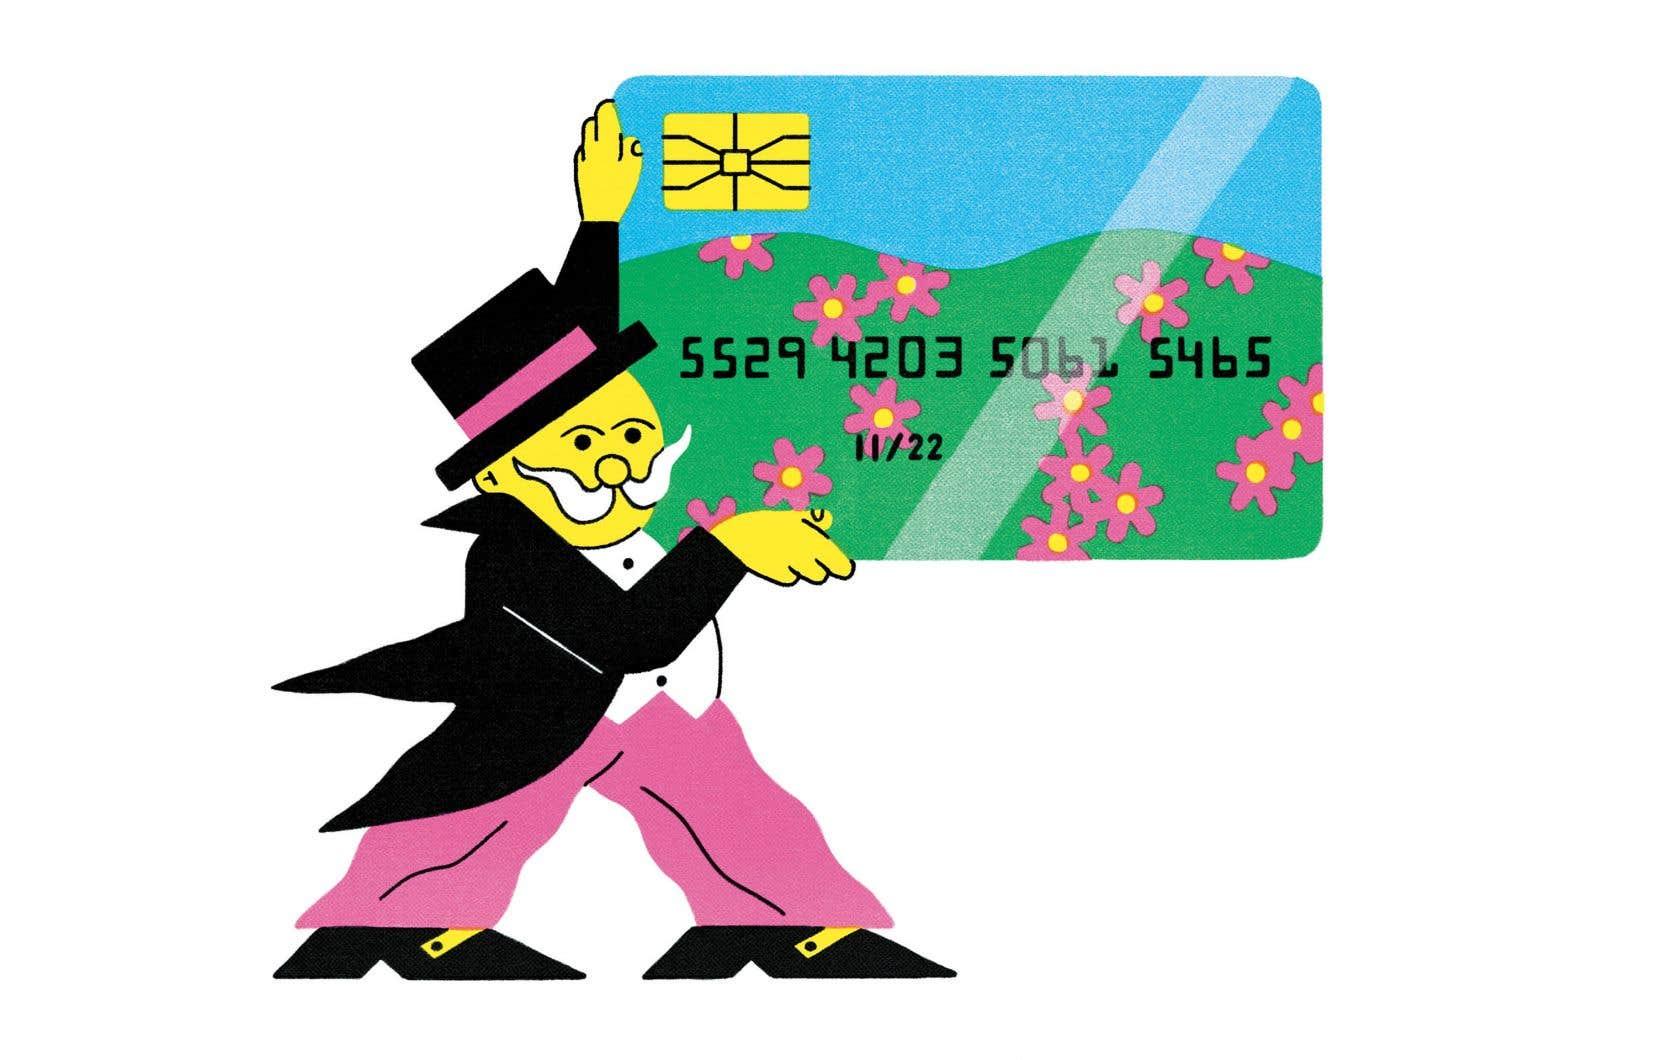 Le principe est vraiment simple: ce prêt est une facilité de crédit que l'entreprise peut utiliser pour financer ses activités habituelles.